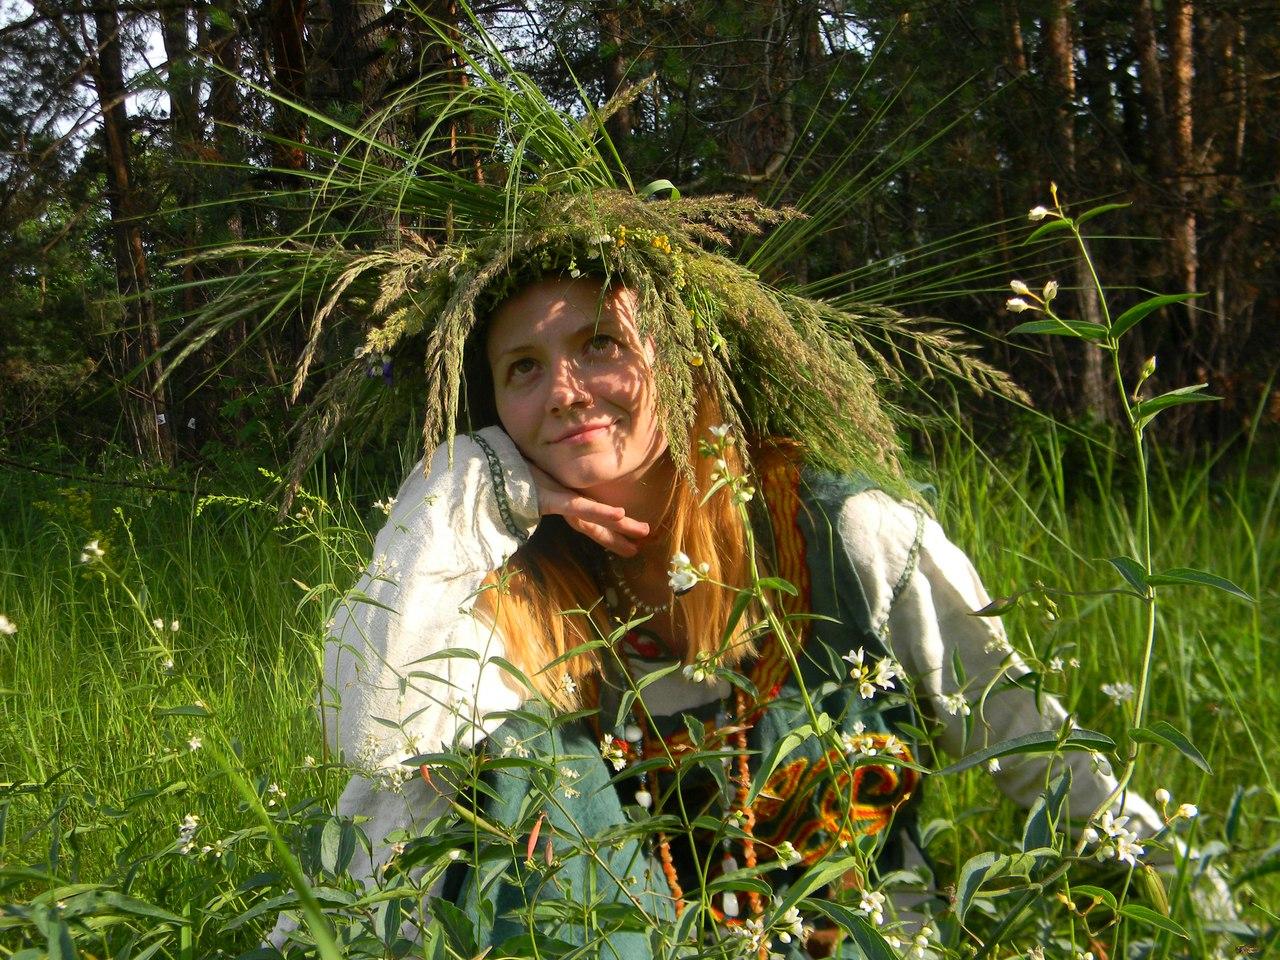 Янина Лымарь: «Косплей – это целая отдельная вселенная»